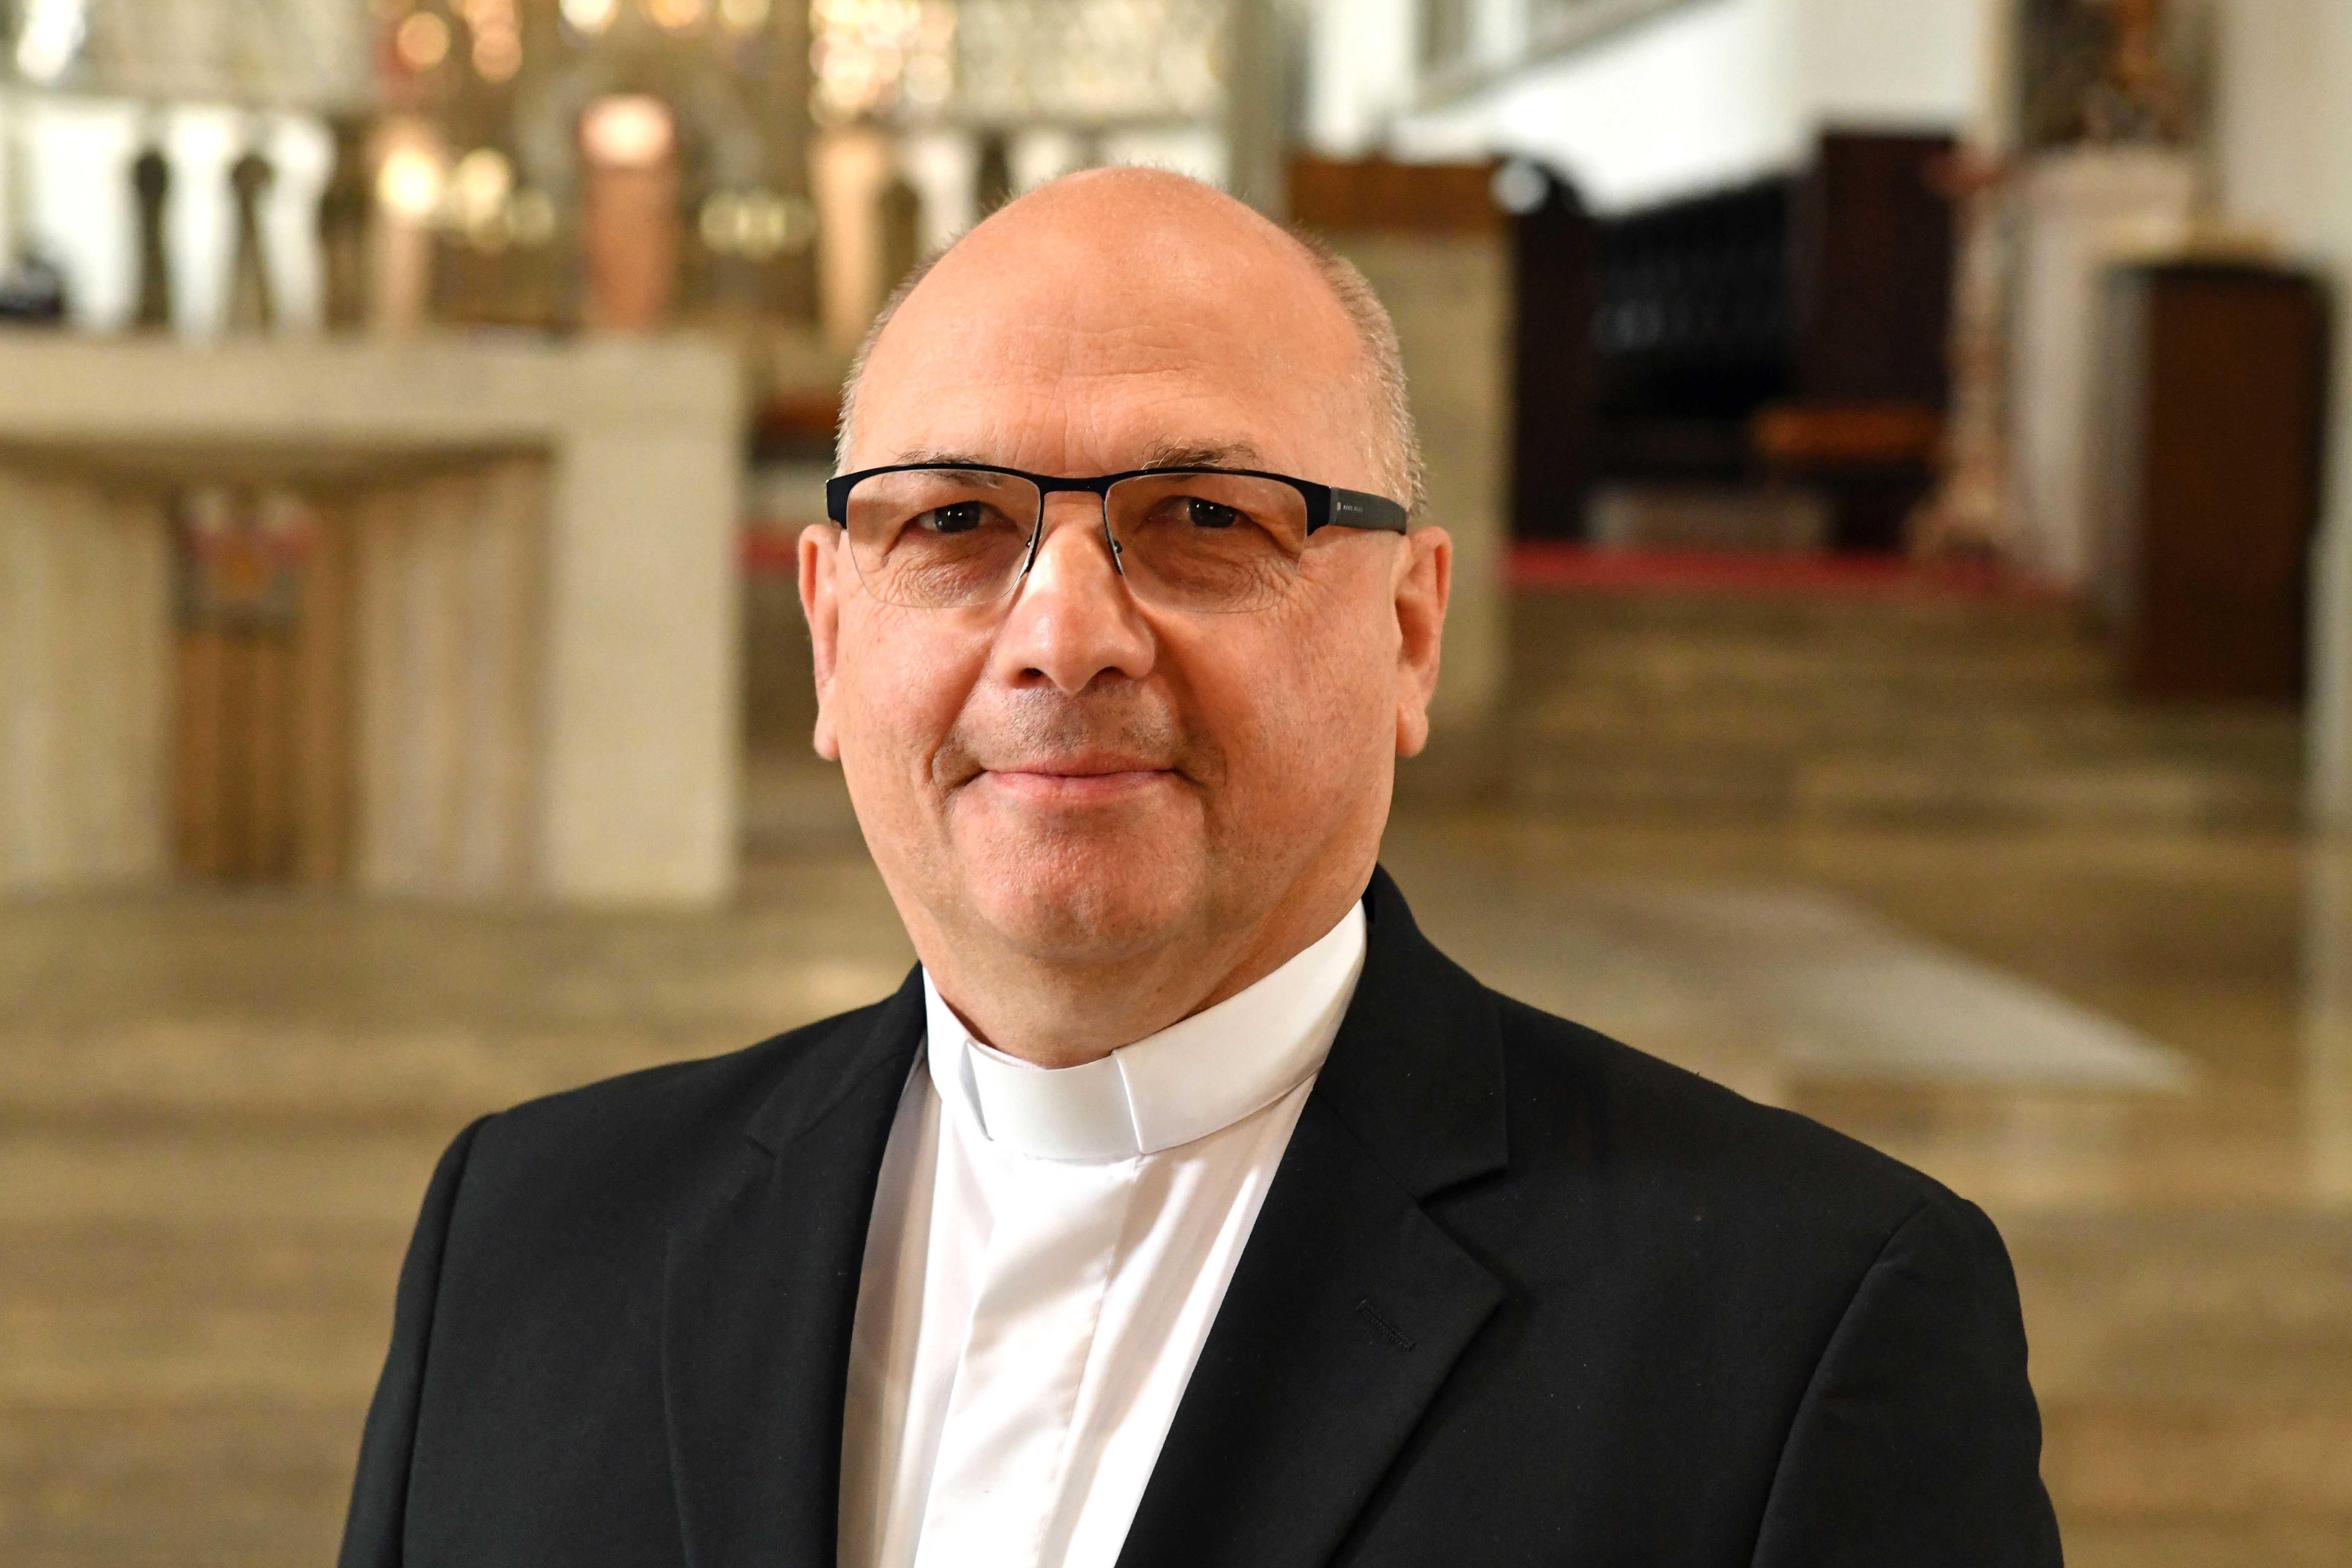 Pfarrer Ulrich Müller, Bischöflicher Zeremoniar. (Foto: Nicolas Schnall / pba)